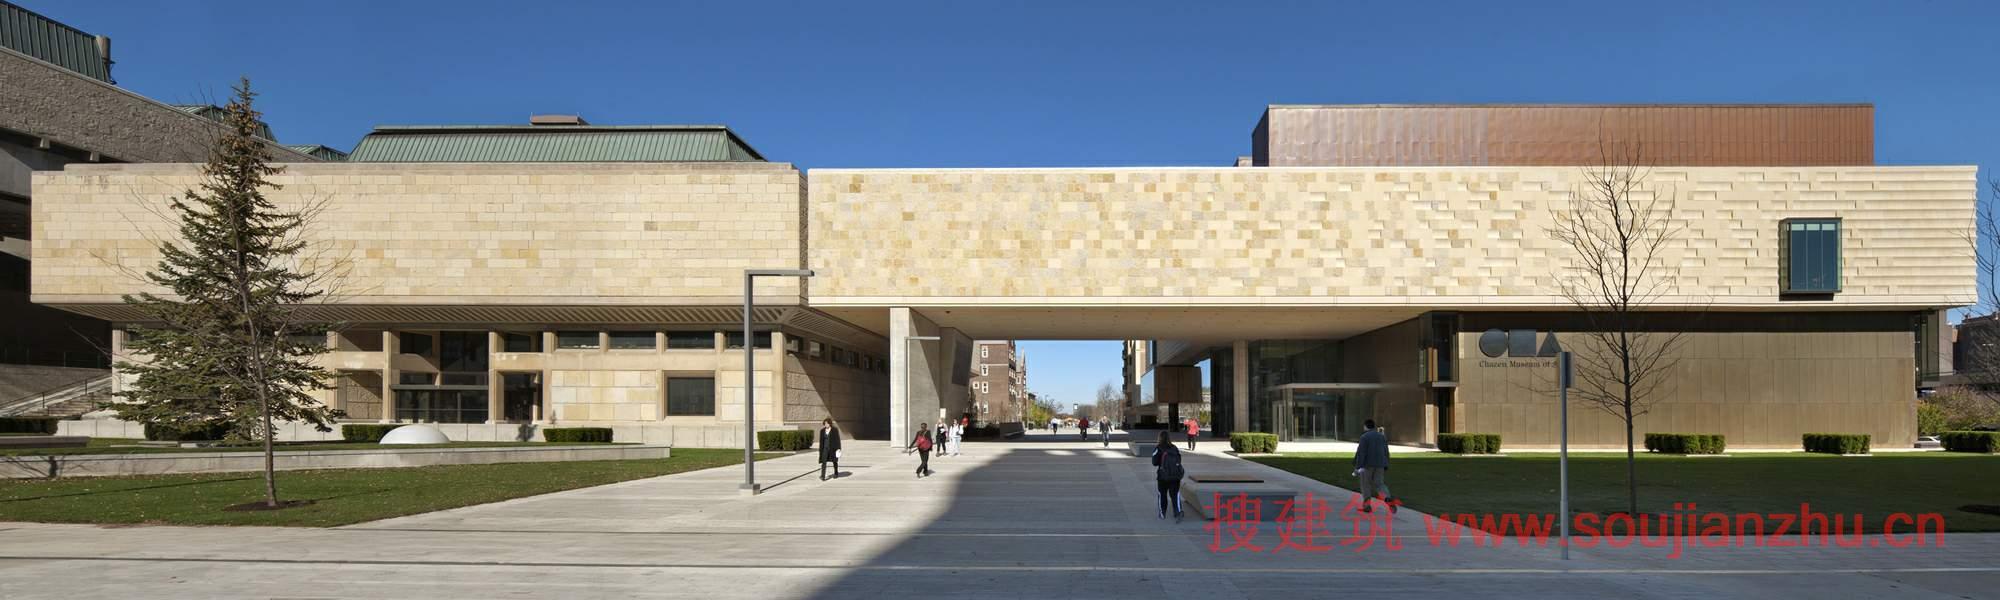 使自己和新博物馆入口处